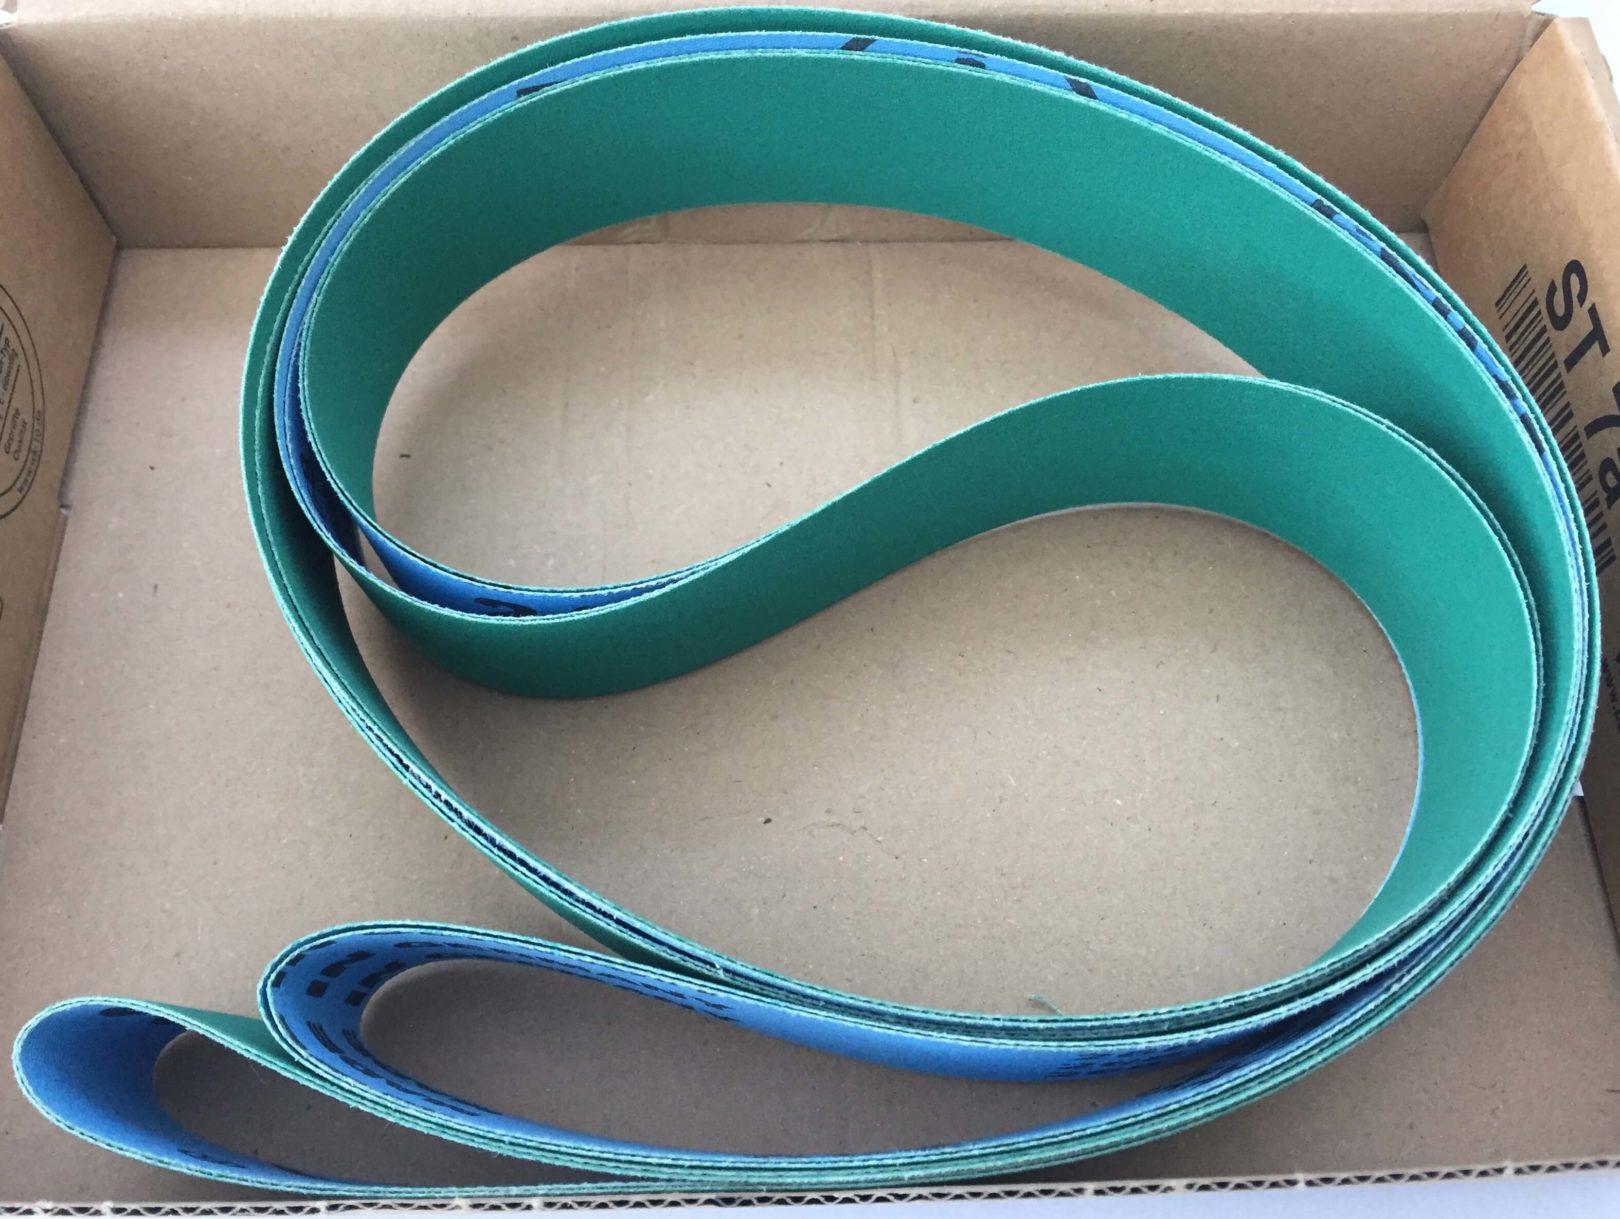 Sanding Belts for Luwex Knife Sharpener